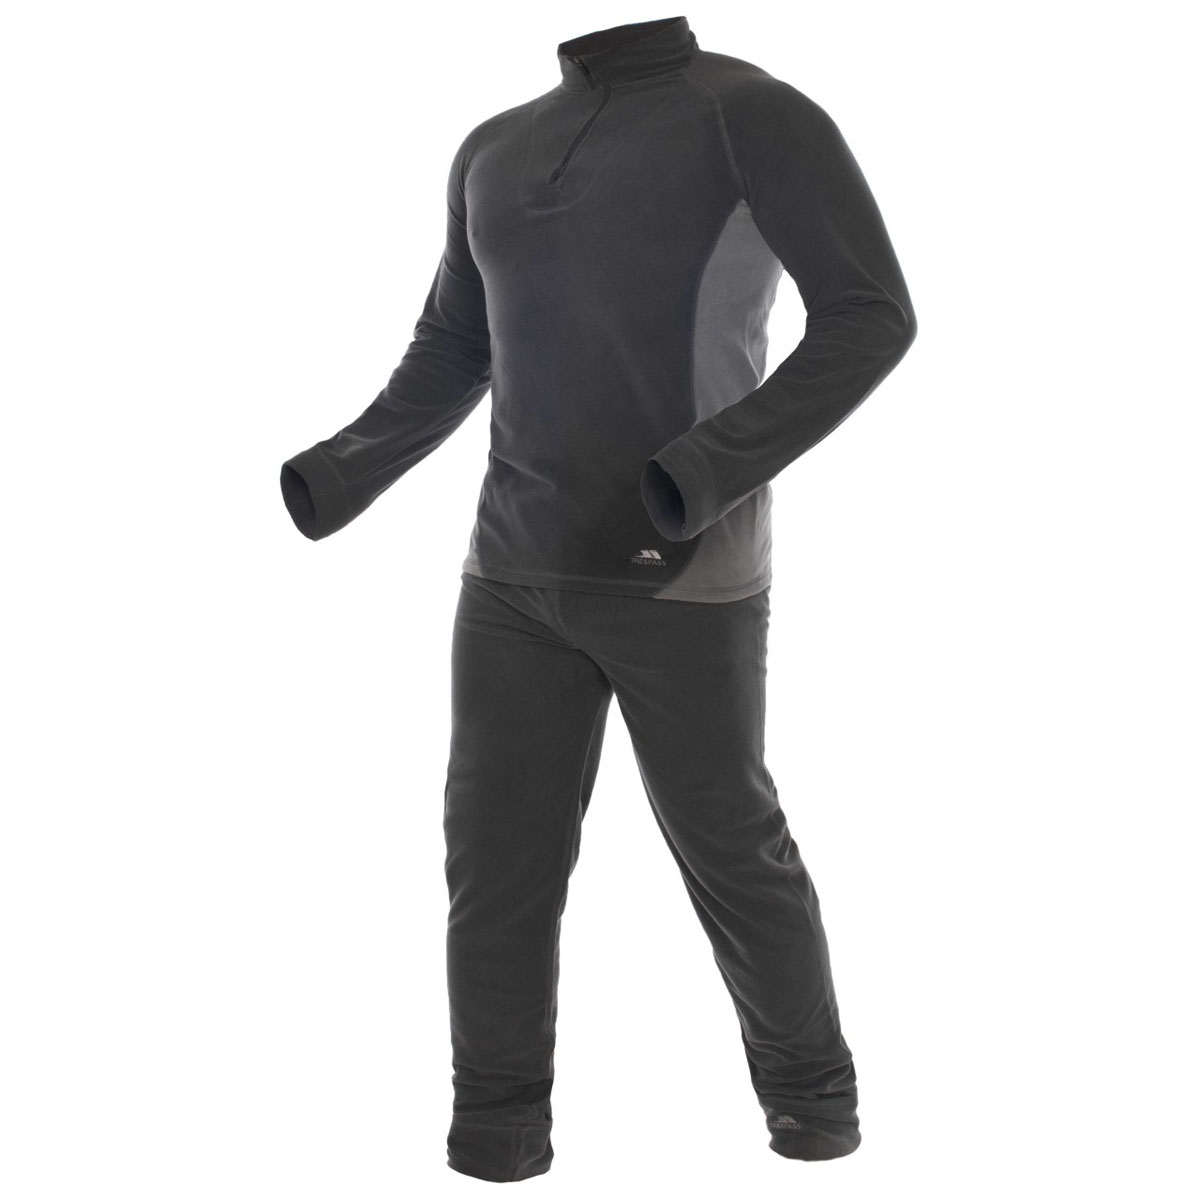 Термобелье Trespass Thriller: кофта, брюки, цвет: темно-серый. UABLSEF20001. Размер M (50)UABLSEF20001Комплект термобелья Trespass Thriller изготовлен из полиэстера и дополнен короткой молнией. Он обеспечивает отвод лишней влаги, сохраняет тело сухим. Отлично подходит для занятия спортом.